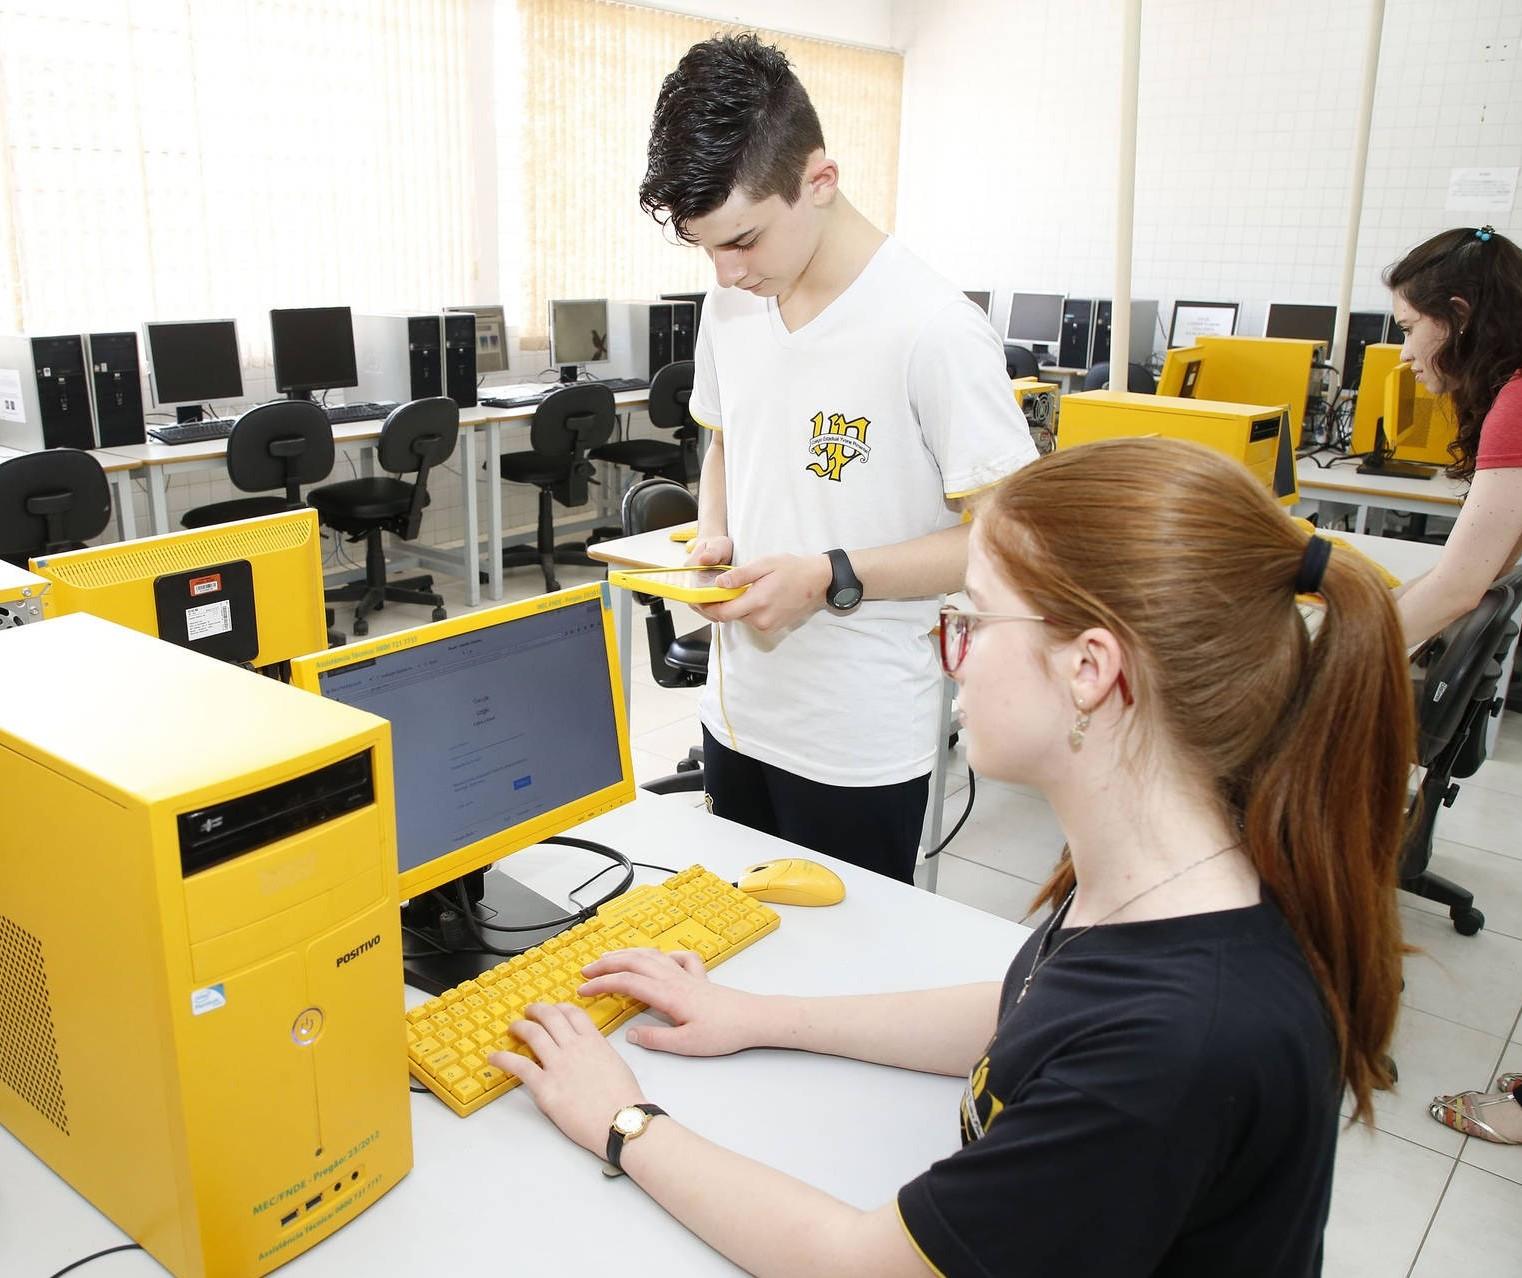 Sete escolas da rede estadual em Maringá terão ensino de informática no ensino médio